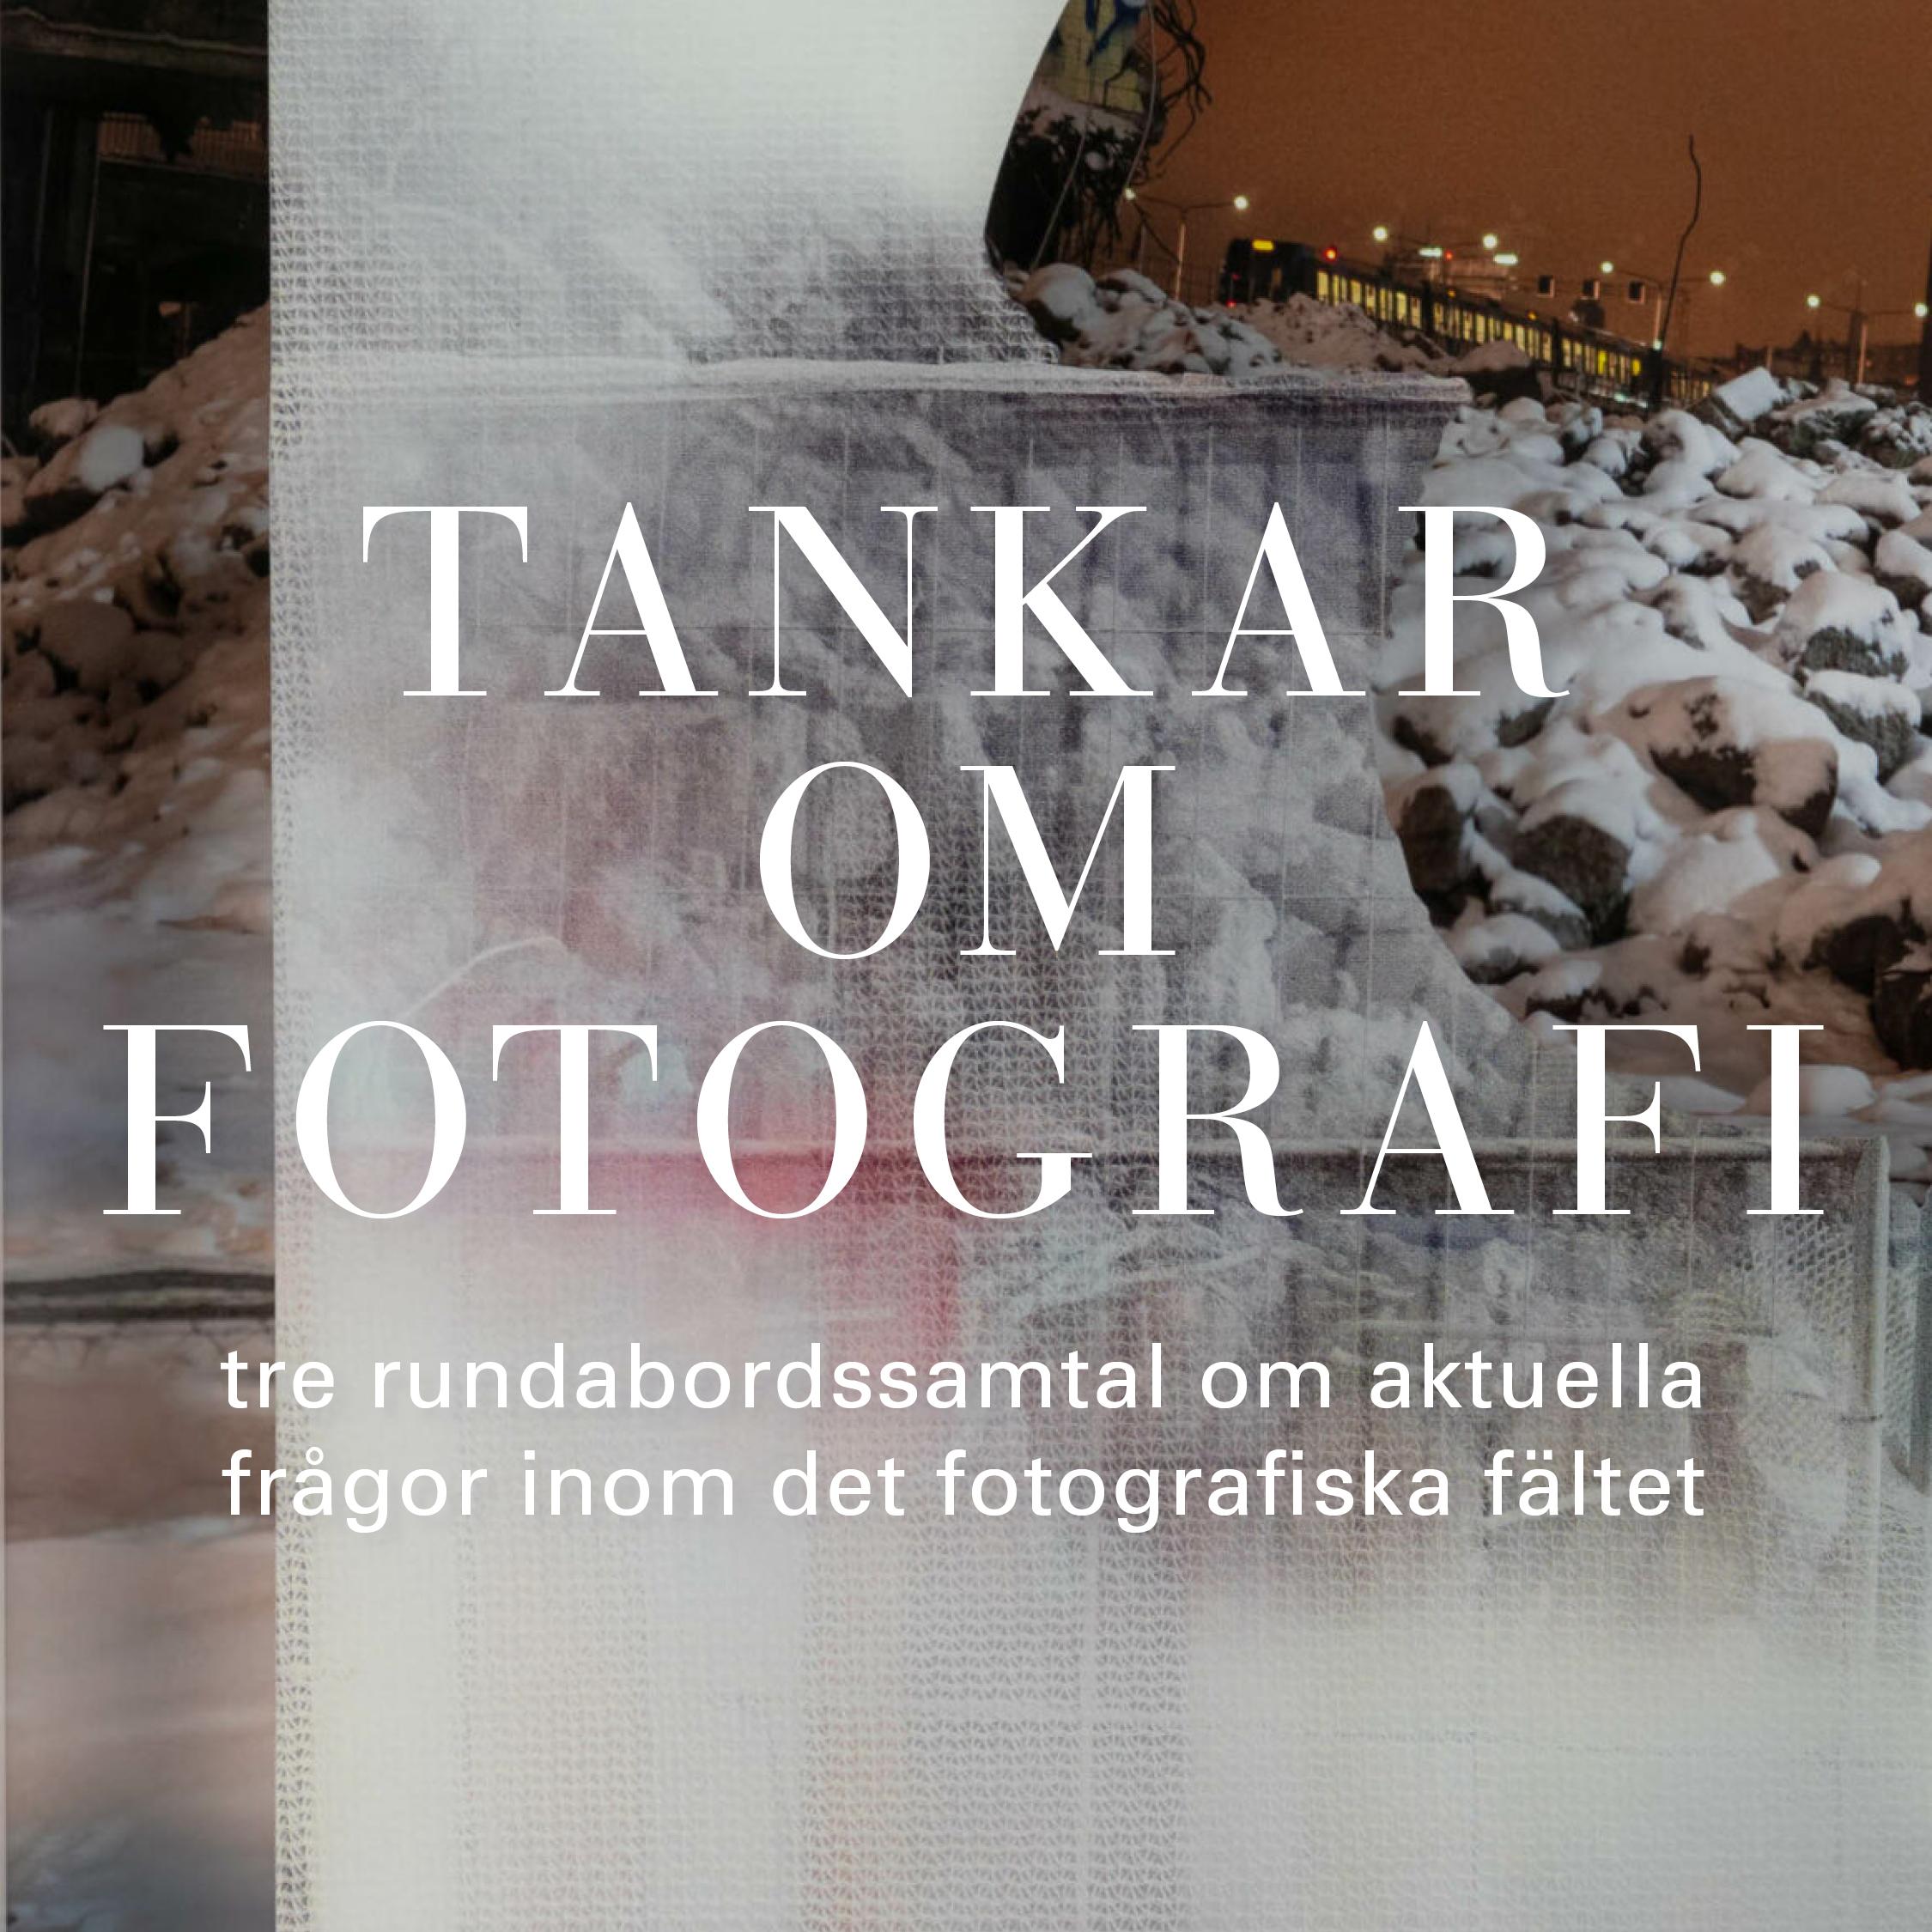 Tankar om fotografi – tre rundabordssamtal om aktuella frågor inom det fotografiska fältet